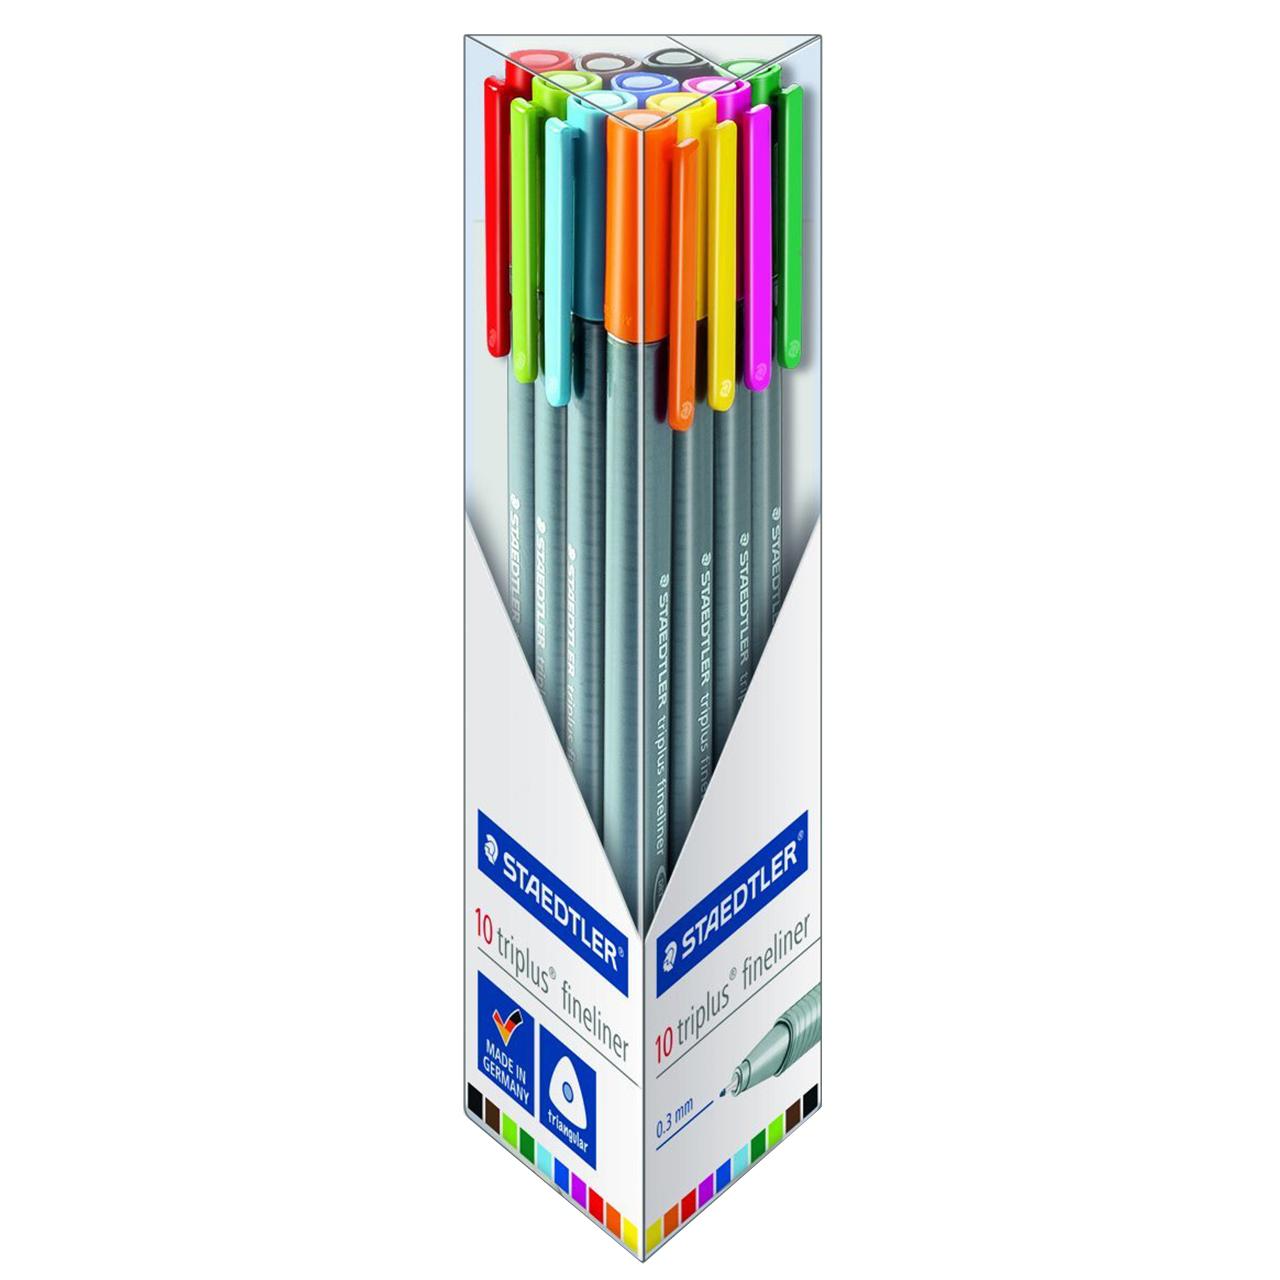 قیمت خرید روان نویس 10 رنگ استدلر مدل 334-TB10 اورجینال